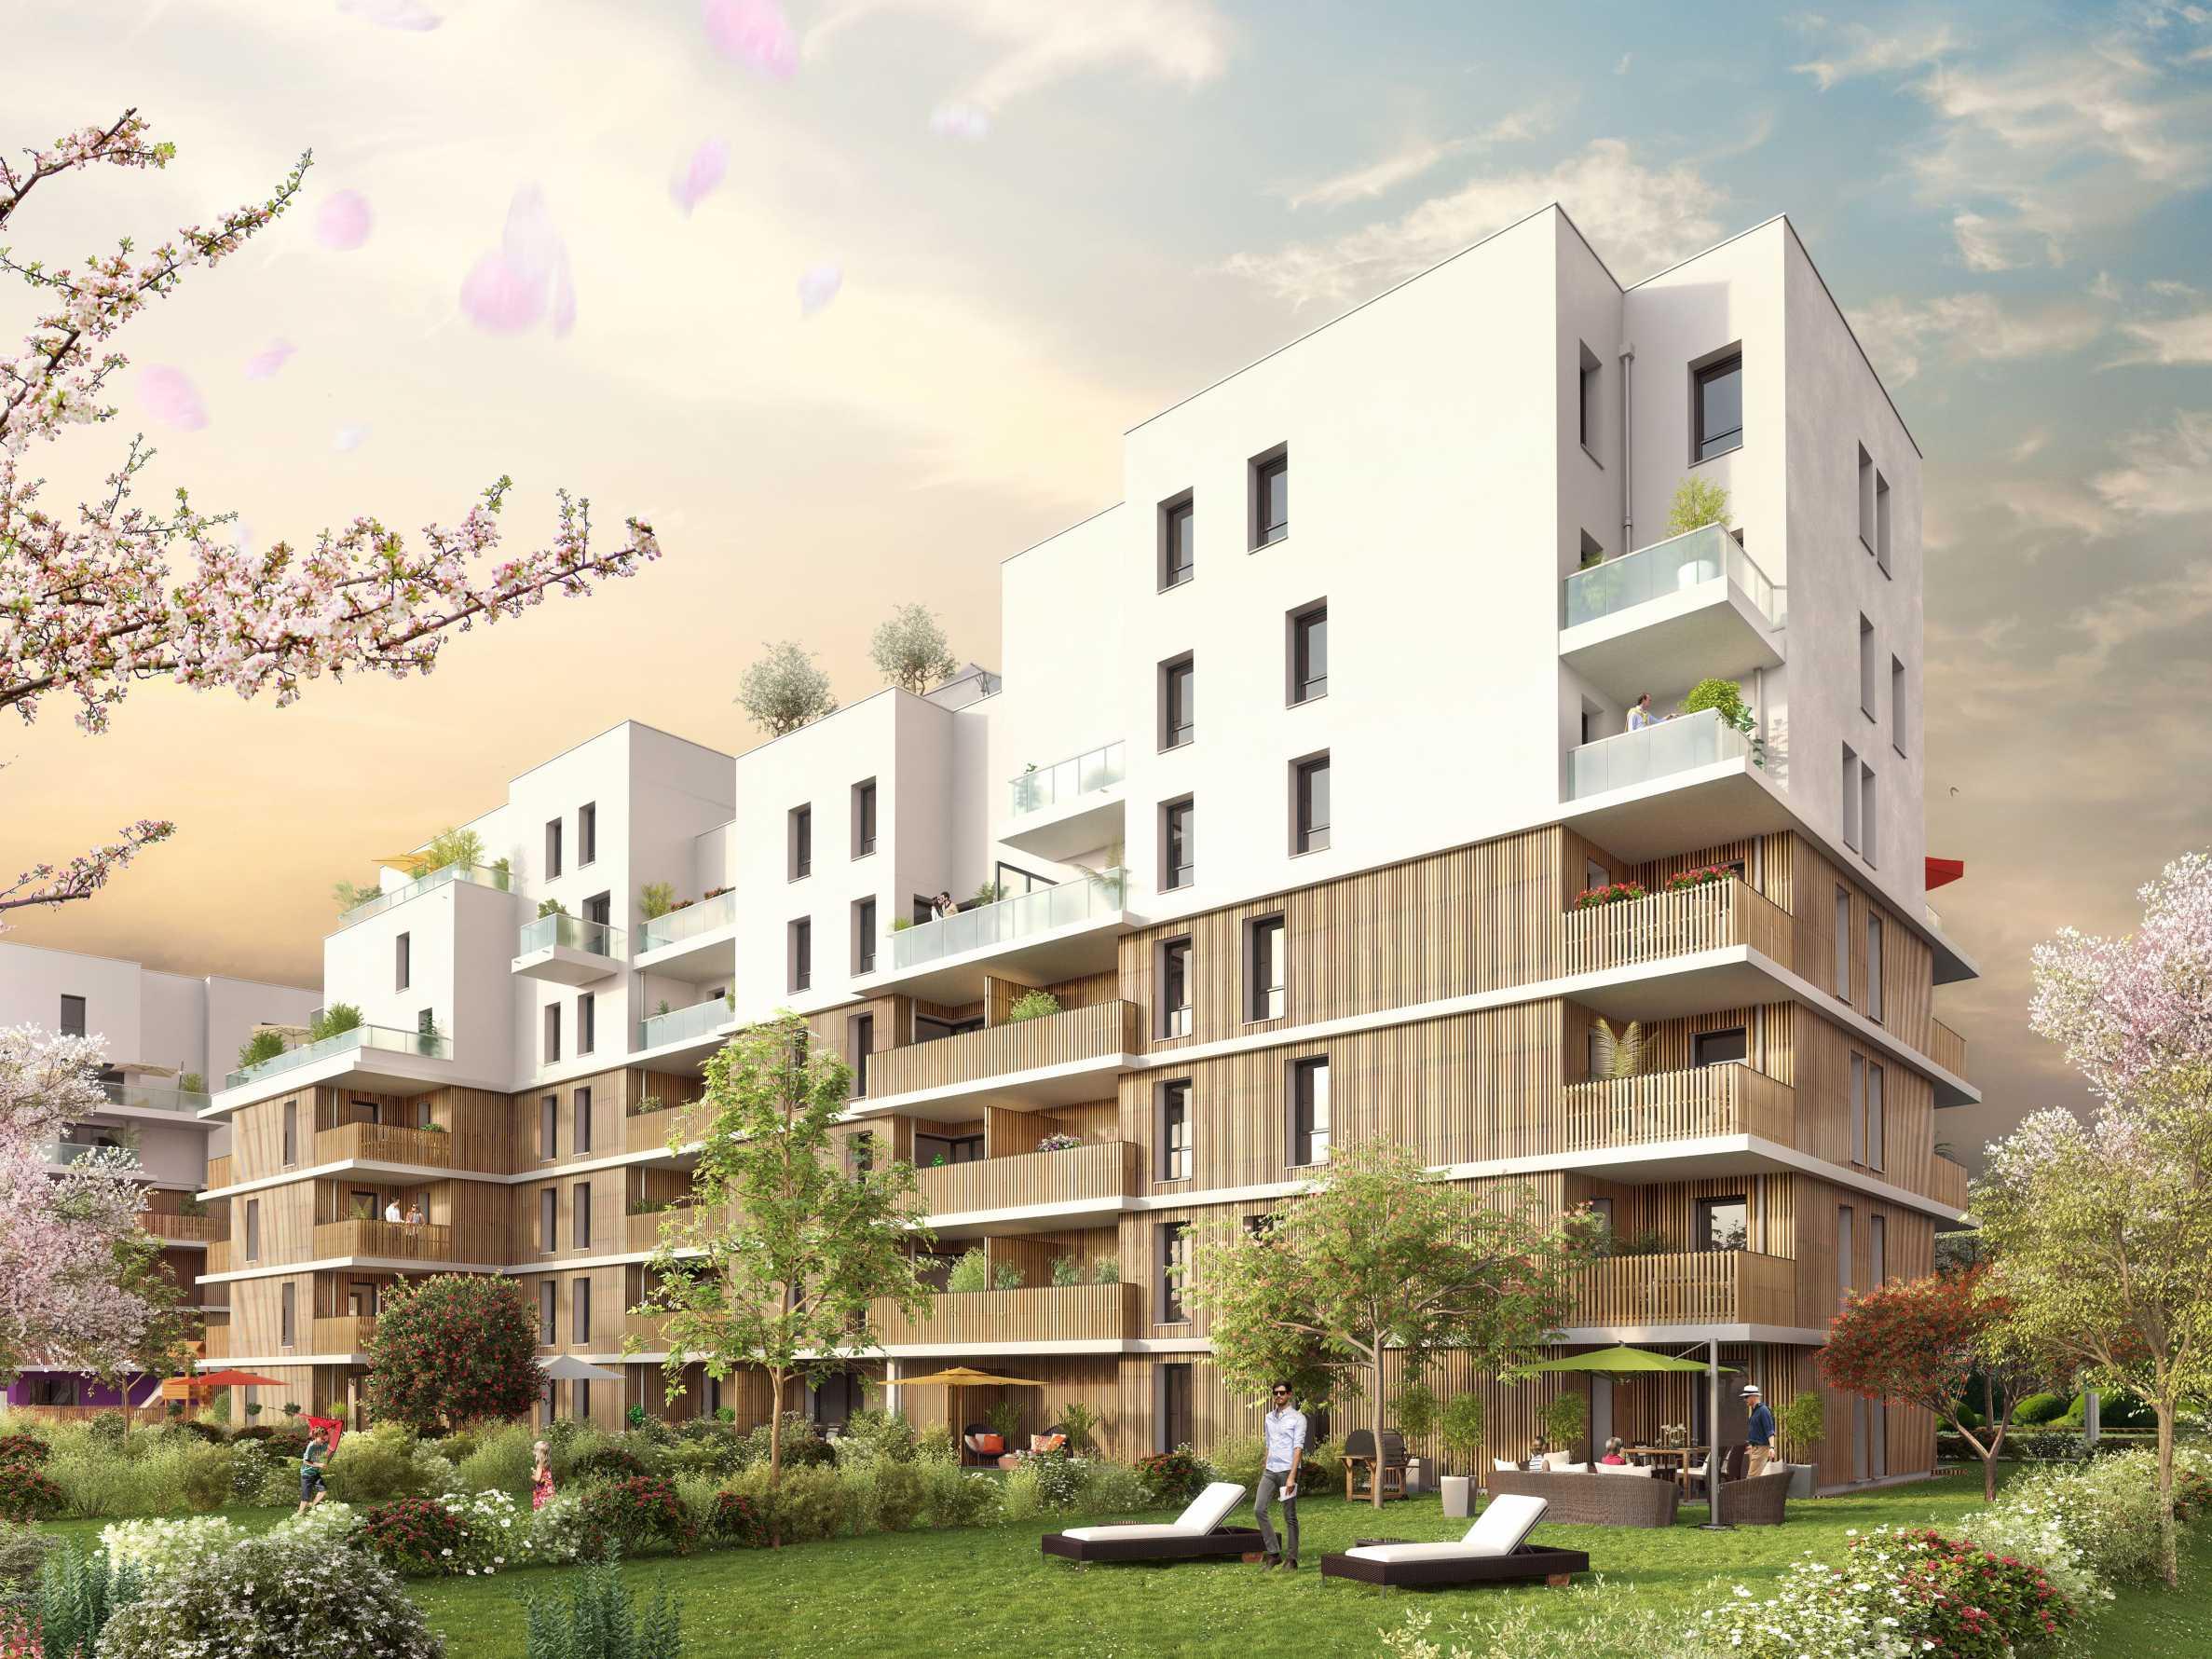 Нови апартаменти във френски град на 6 км от Женева1 - Stonehard